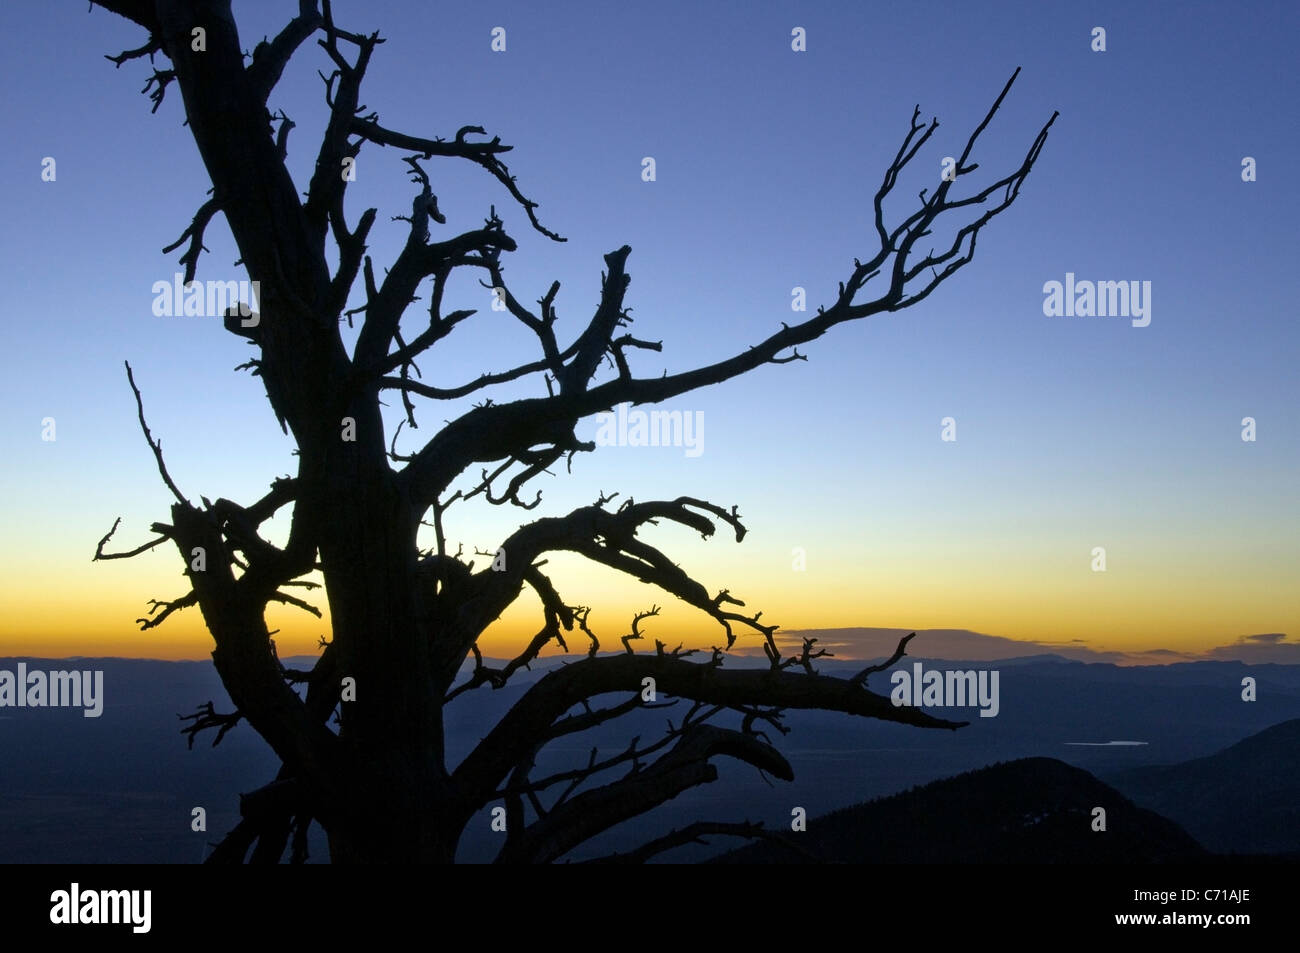 Eine Silhouette eines Baumes bei Sonnenaufgang im Great Basin National Park, NV. Stockbild